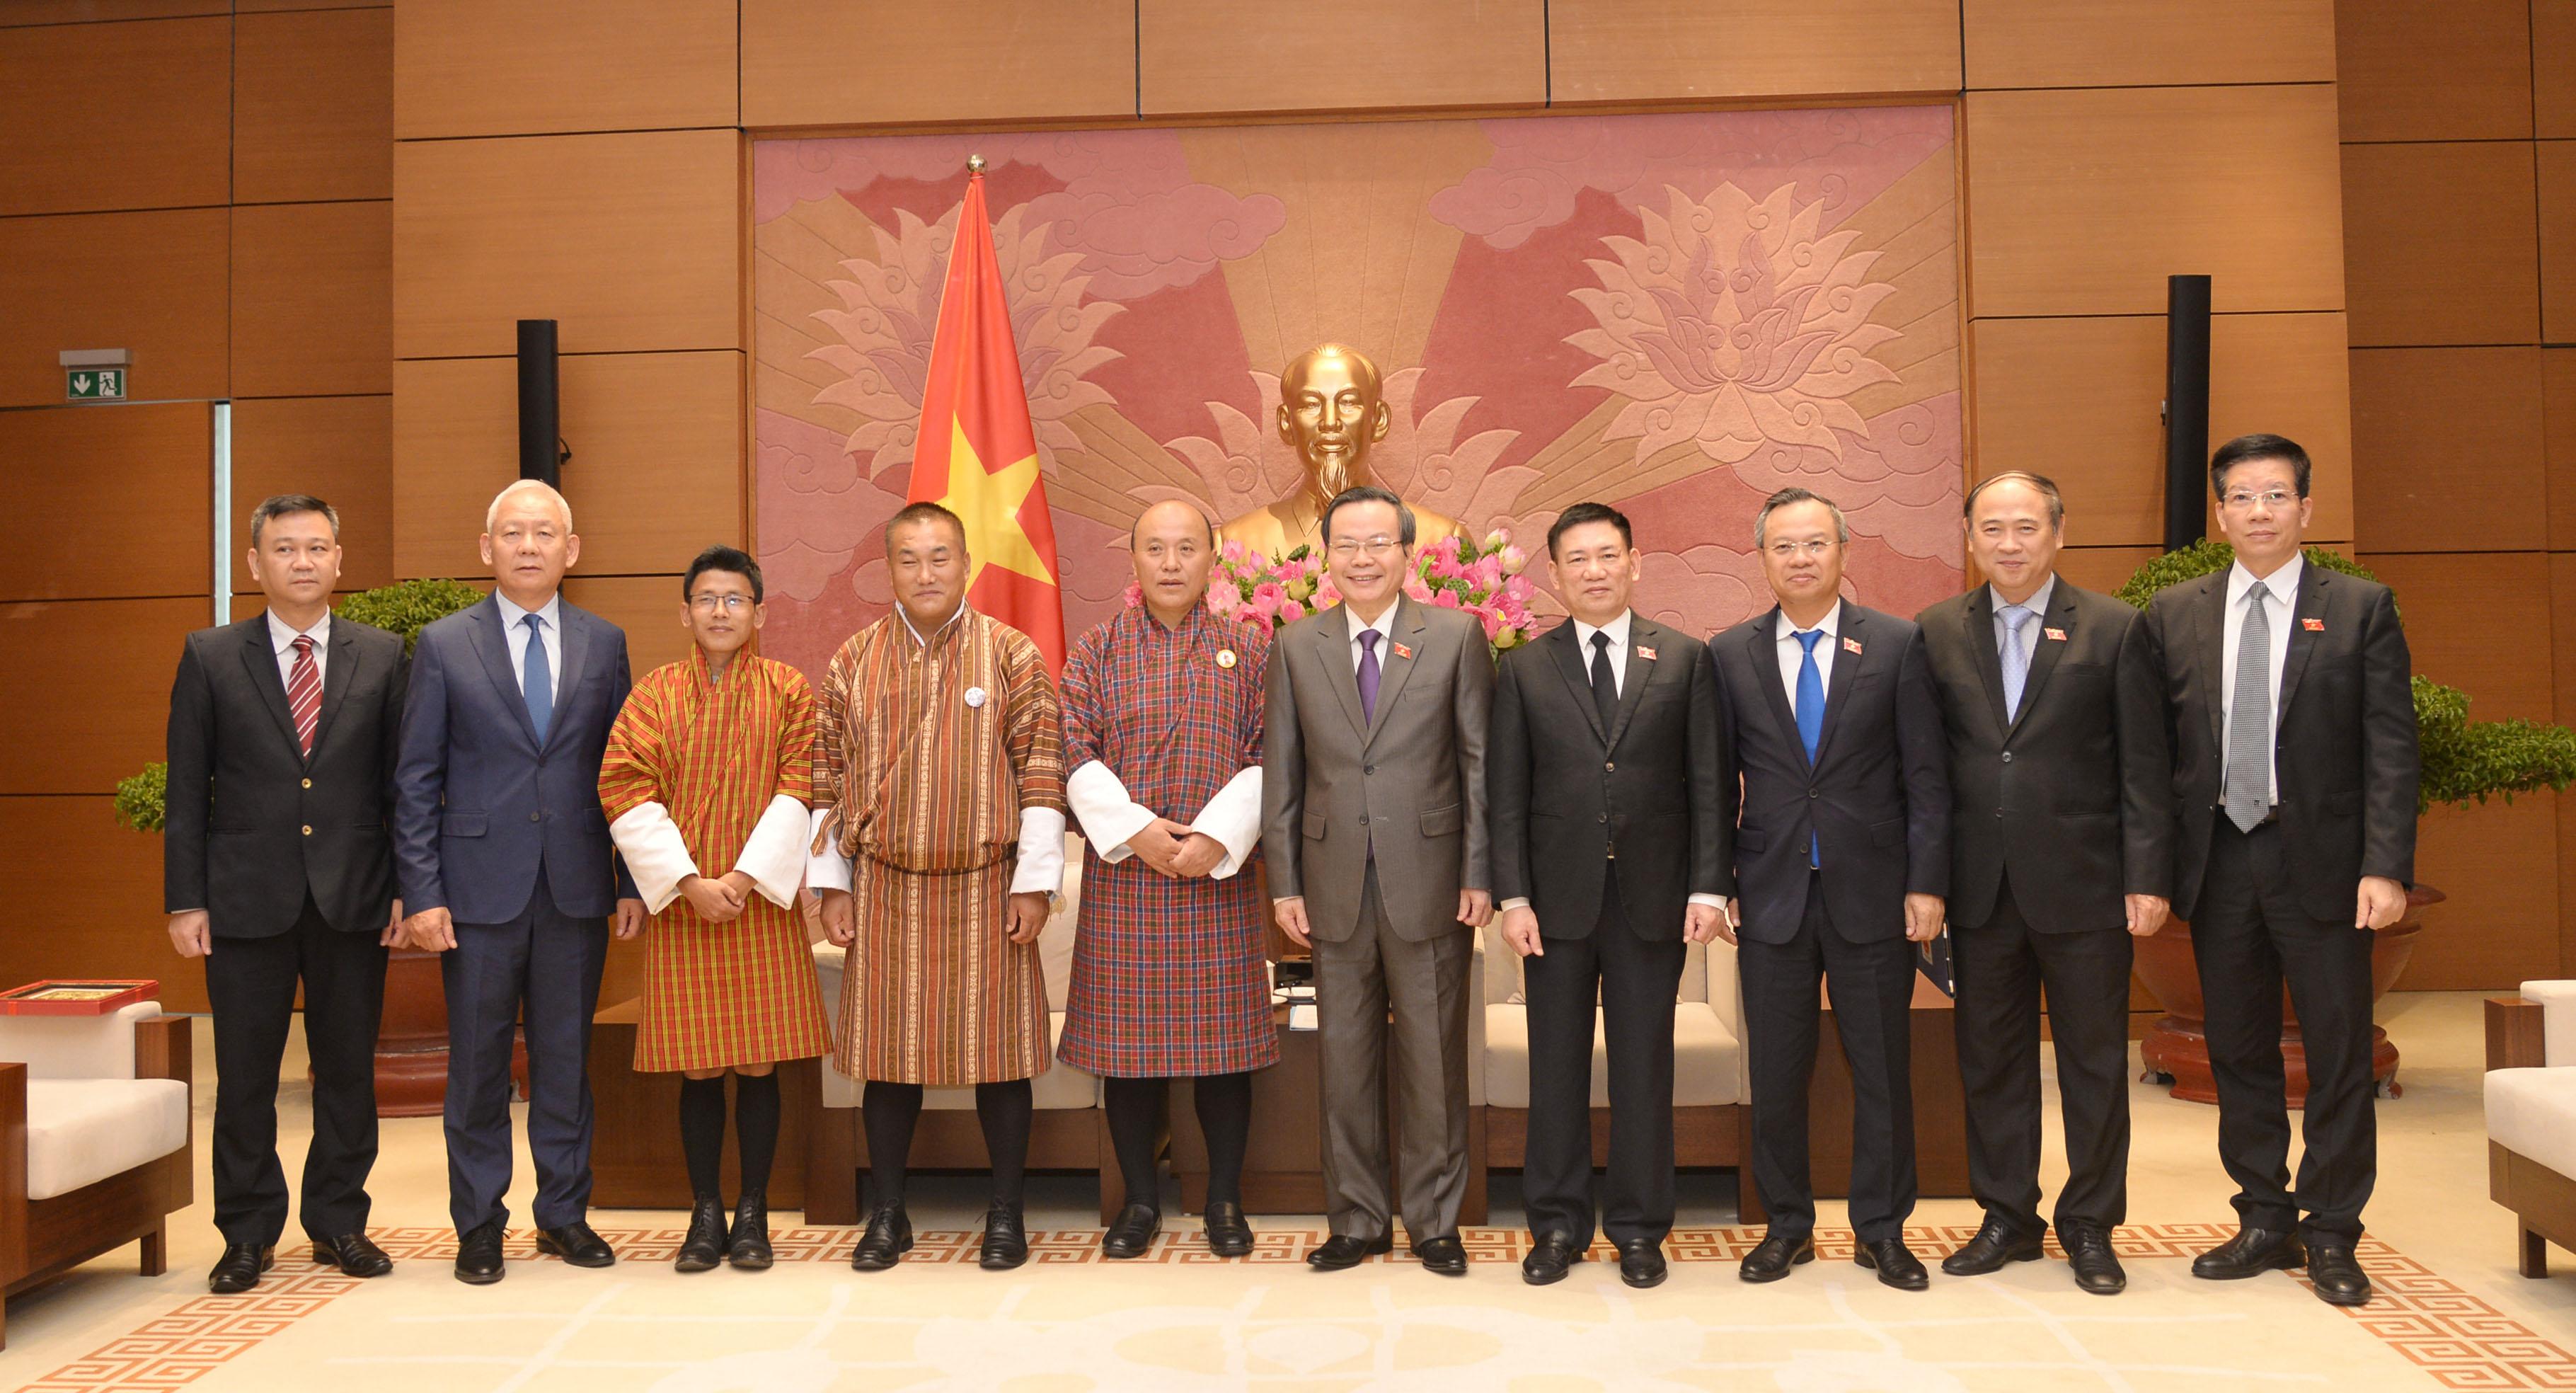 Phó Chủ tịch Quốc hội Phùng Quốc Hiển tiếp Tổng Kiểm toán Nhà nước Bu-tan